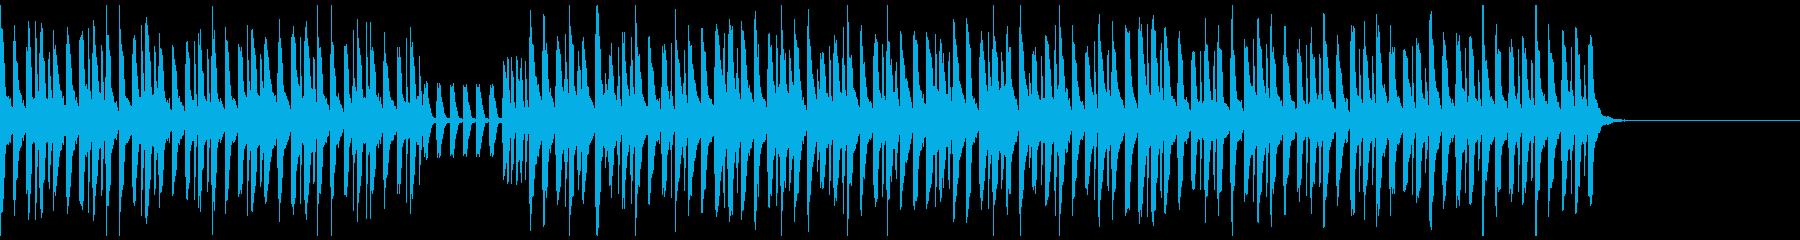 気分が明るくなるBGM 60秒verの再生済みの波形